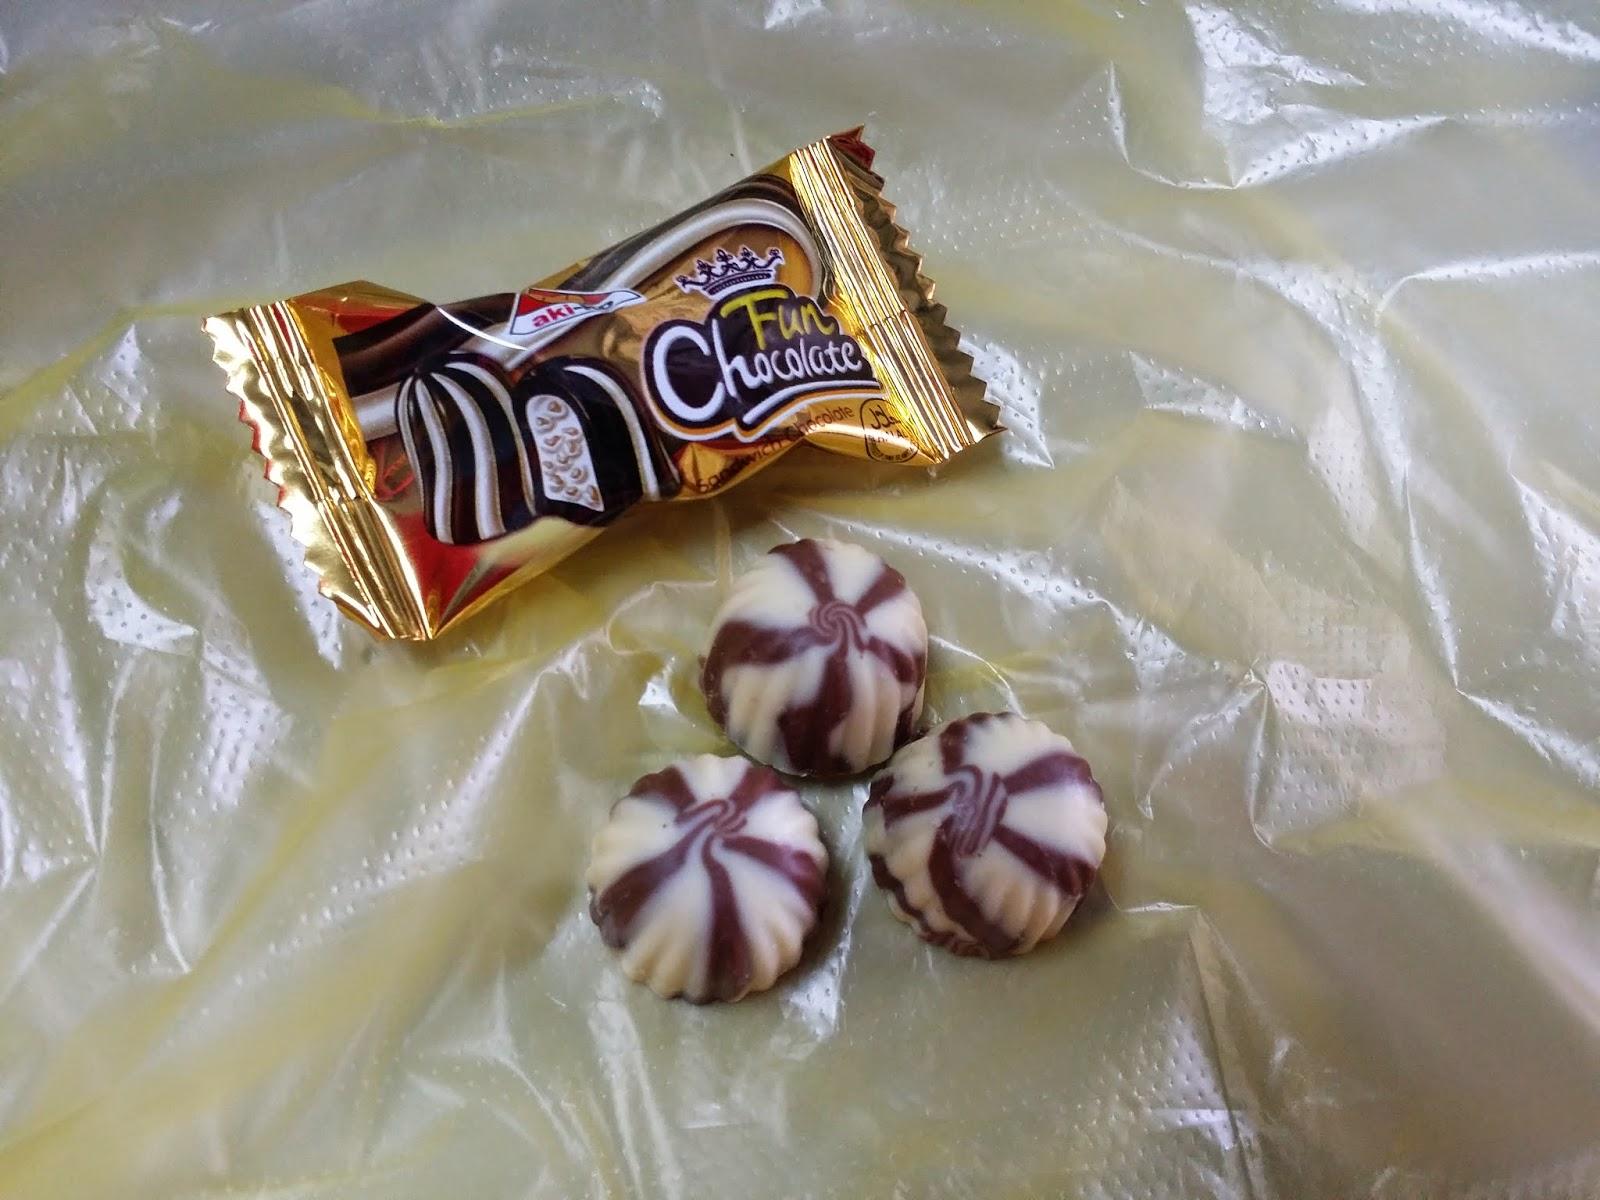 Coklat Aki-Ko Sedap , coklat aki-ko, coklat sedap, coklat kanak-kanak yangs edap, sedap, murah, coklat sedap dan murah, aki-ko